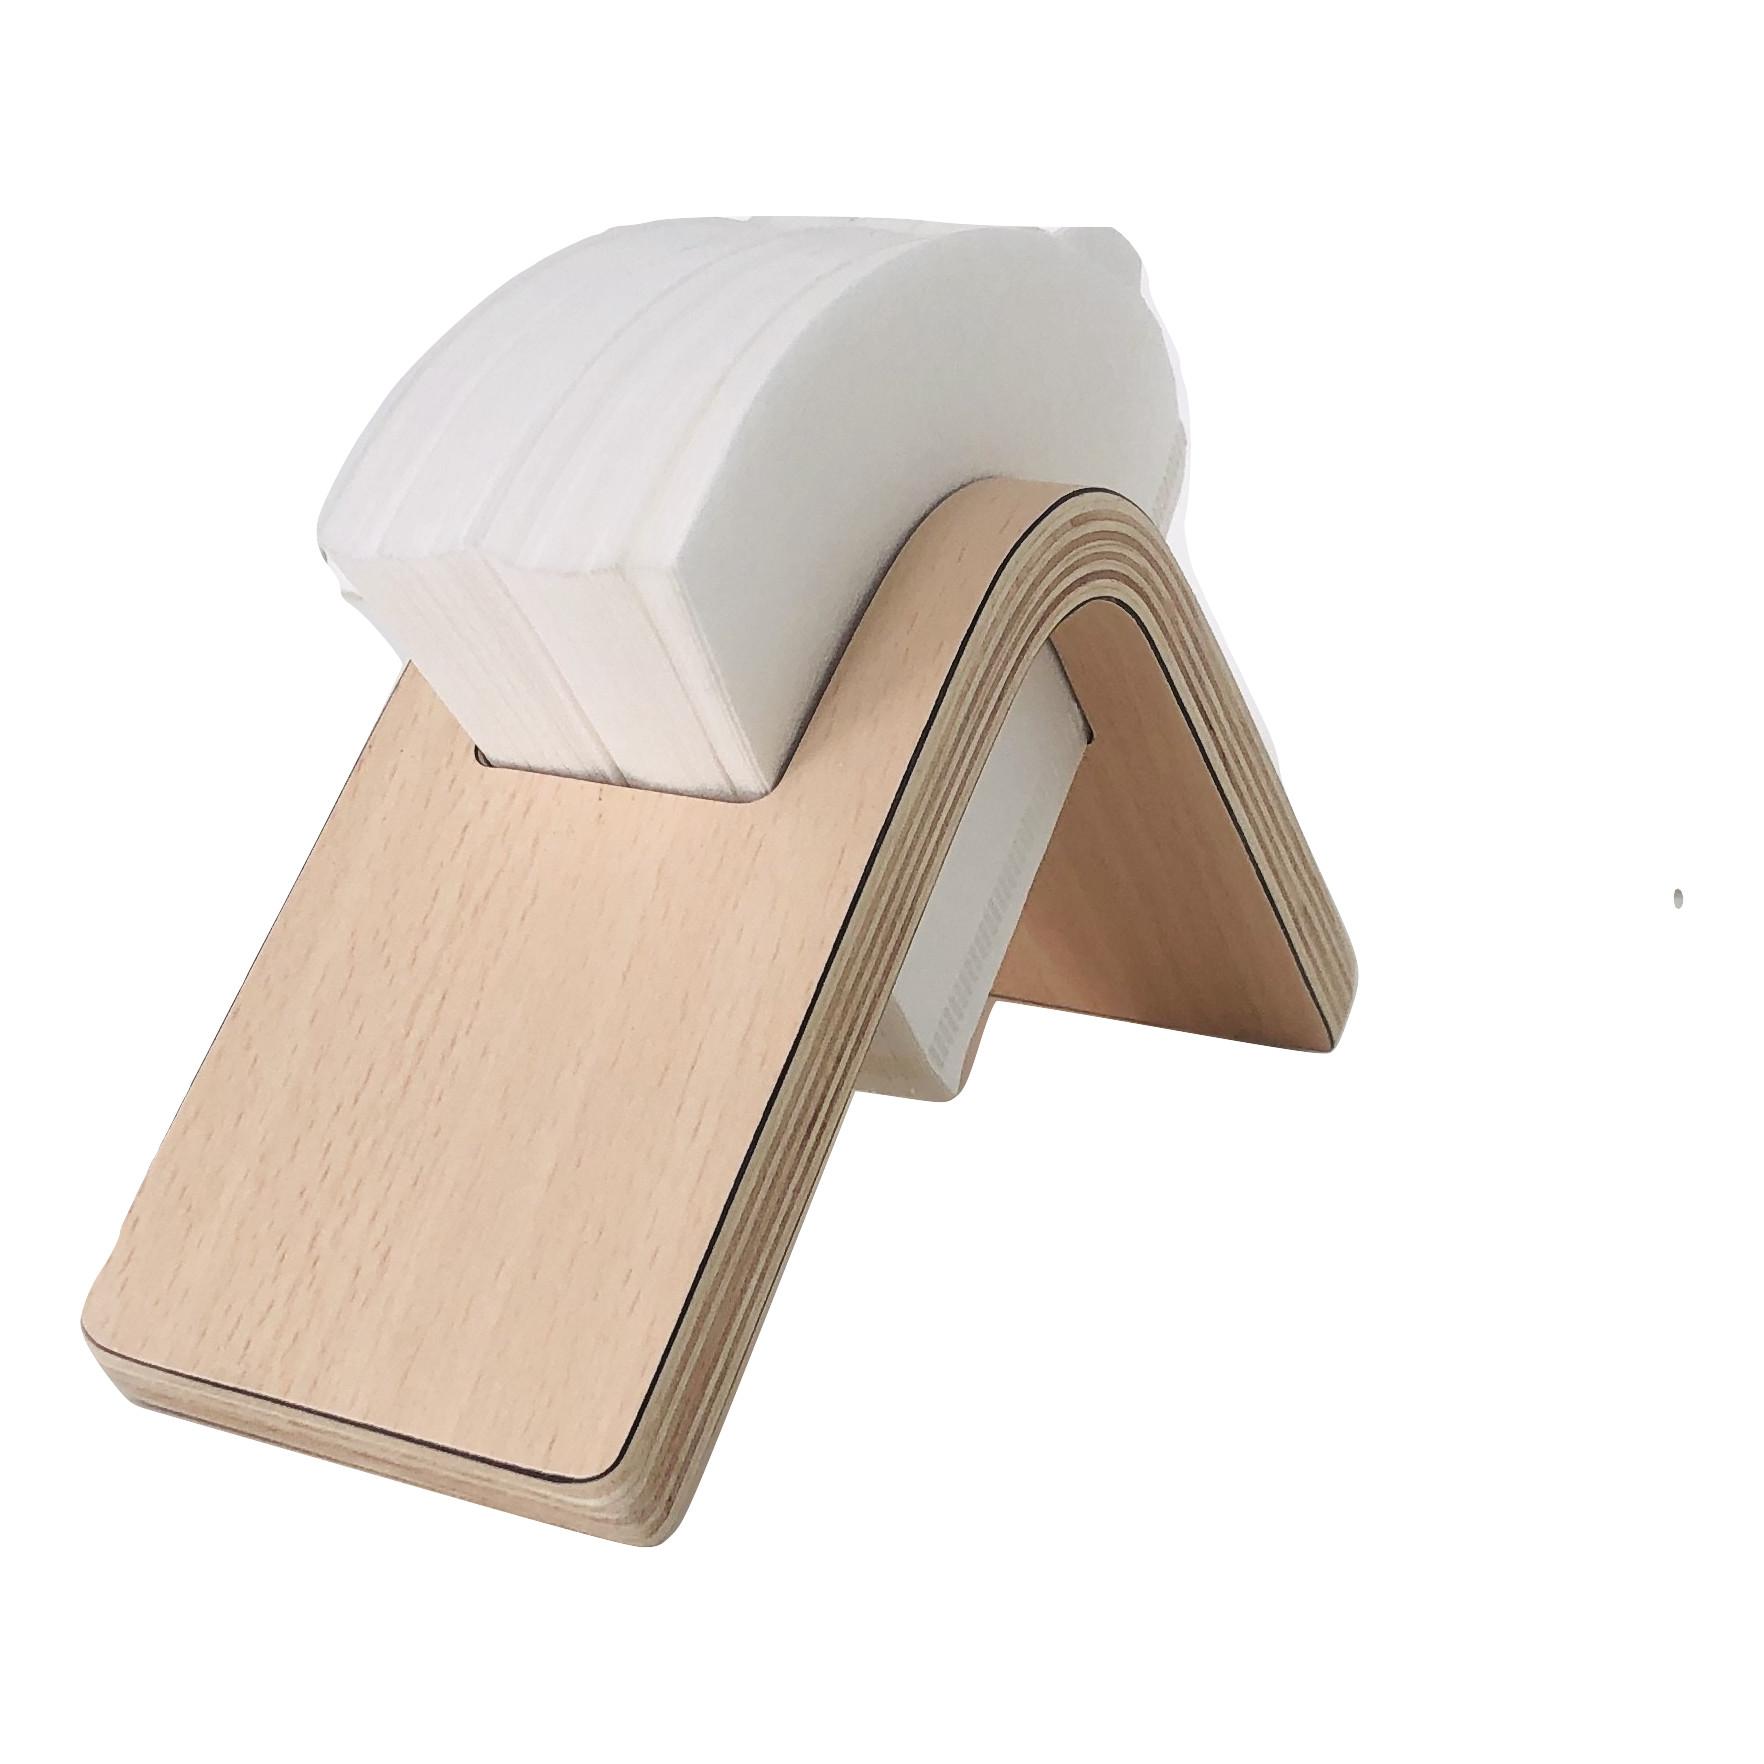 Khay đựng giấy ăn, giấy lọc cafe  Joy Paper Holder màu gỗ JPH0101